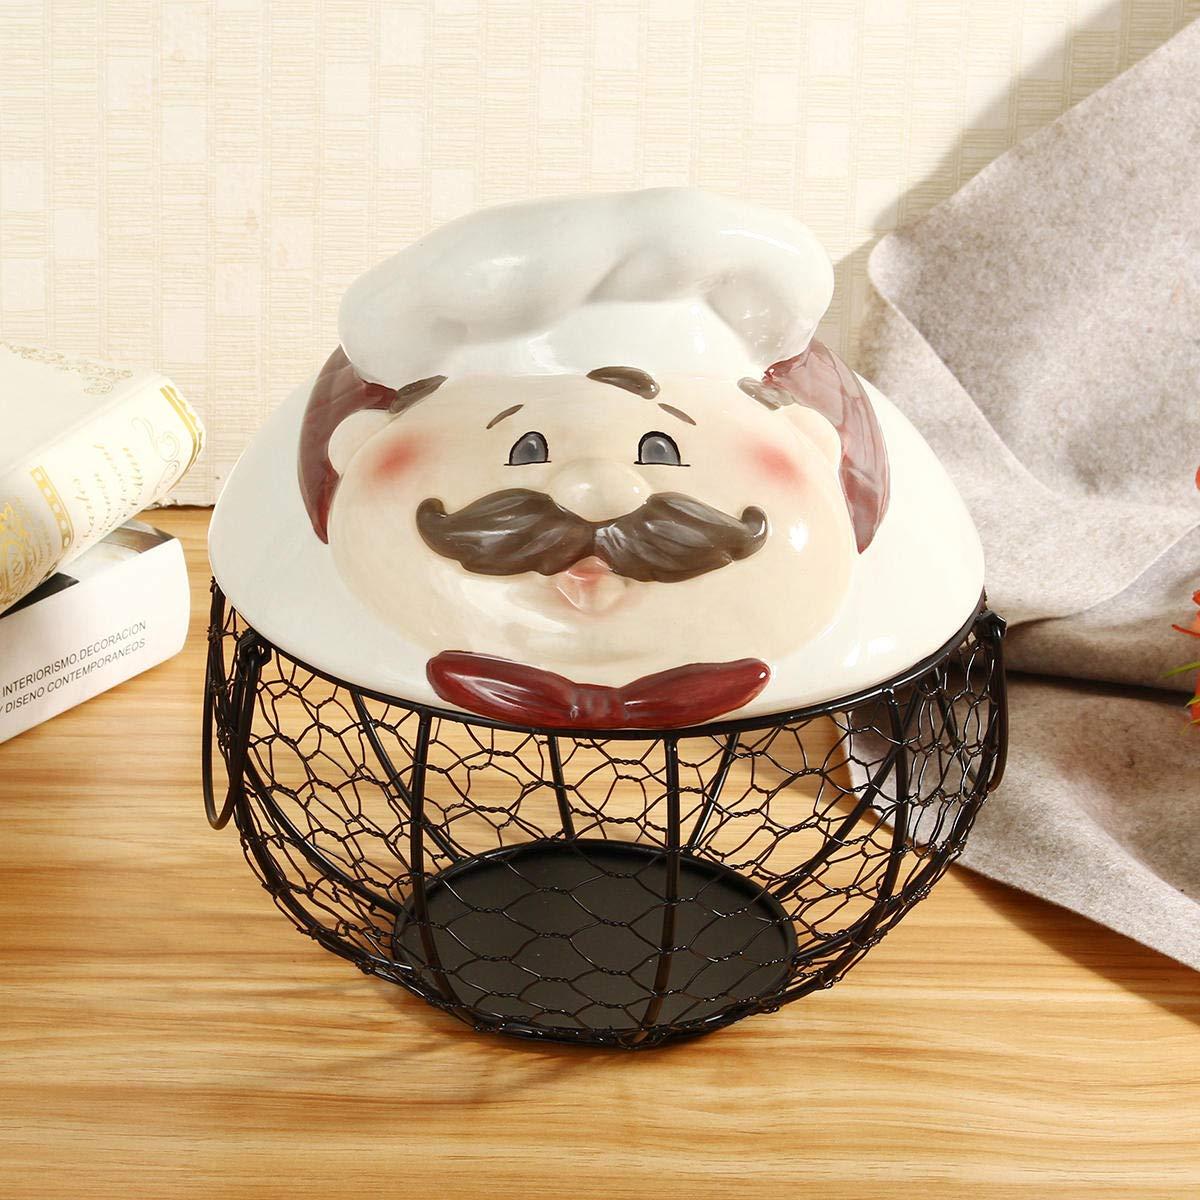 Rustic Farm Ceramic Lid Hen Egg Wire Storage Baskets Nest Kitchen Onion Fruit Holder - #1